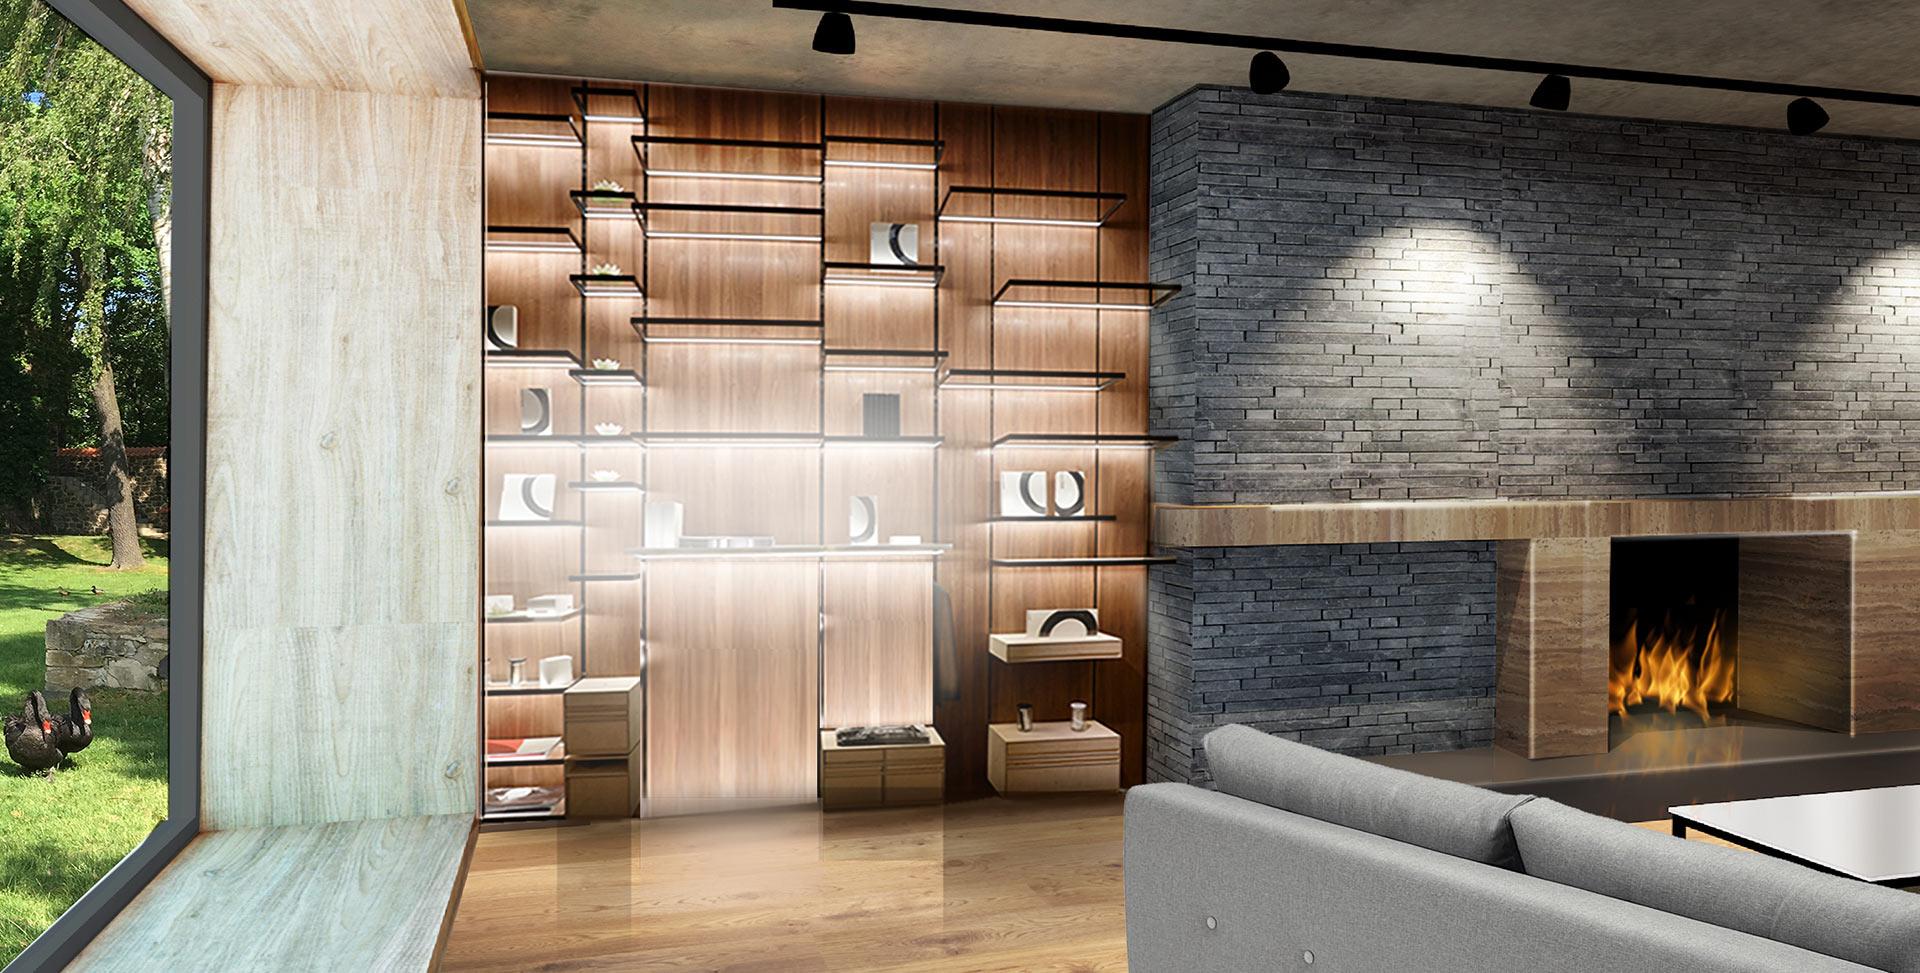 Wohnzimmer Lichtplanung Regal Beleuchtung LED